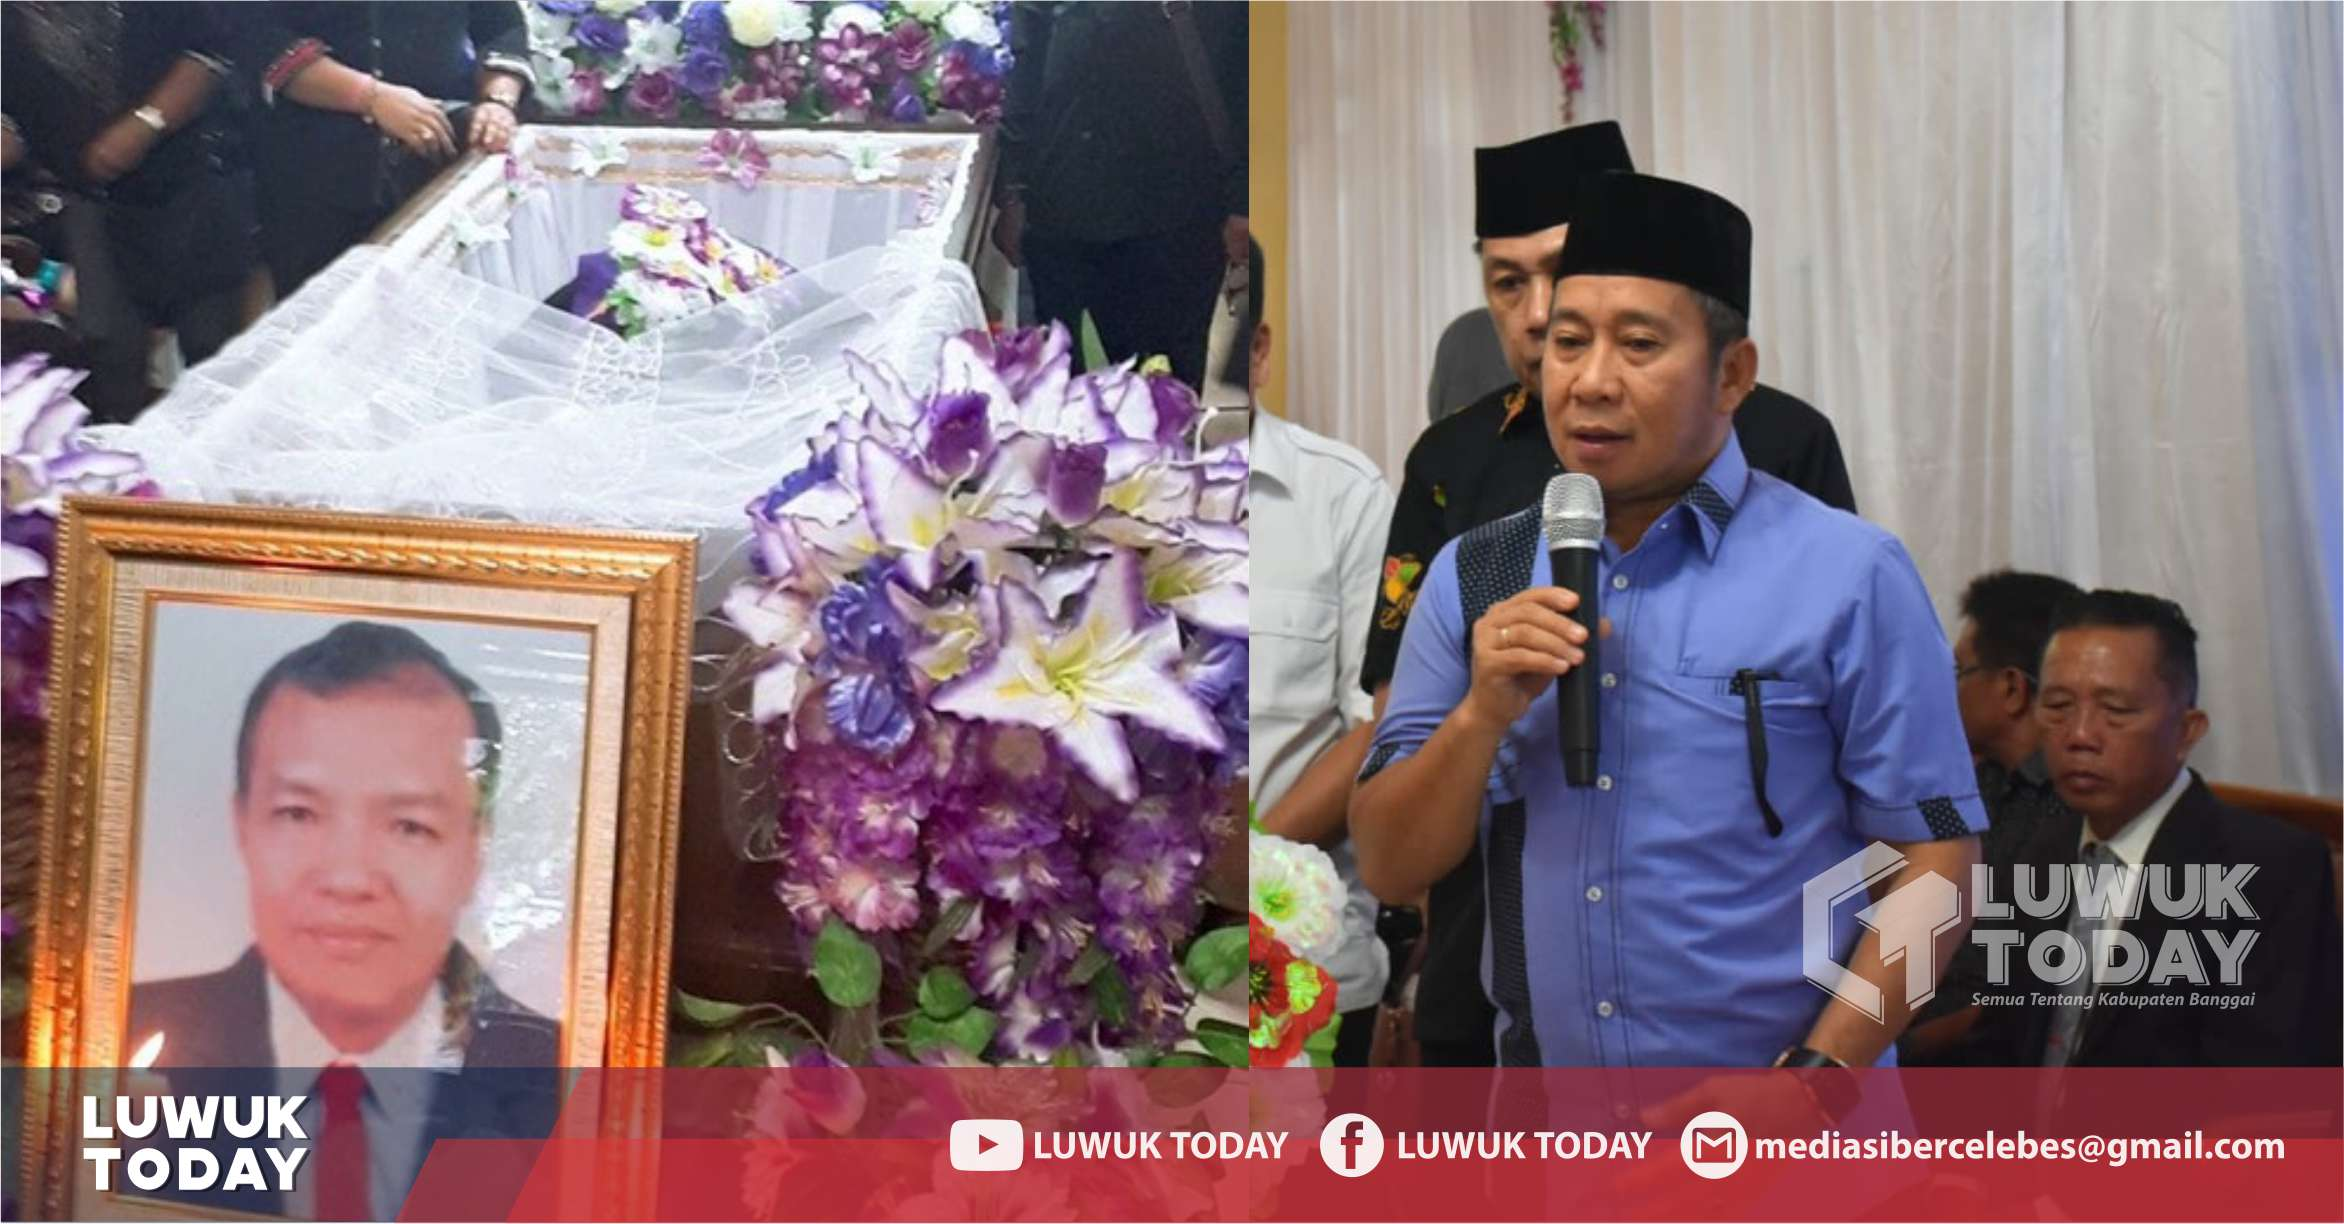 Foto Wakil Bupati Banggai H. Mustar Labolo saat pelepasan jenazah dr. Wendi R. Soleman, Sp.Rad.,M.Kes.